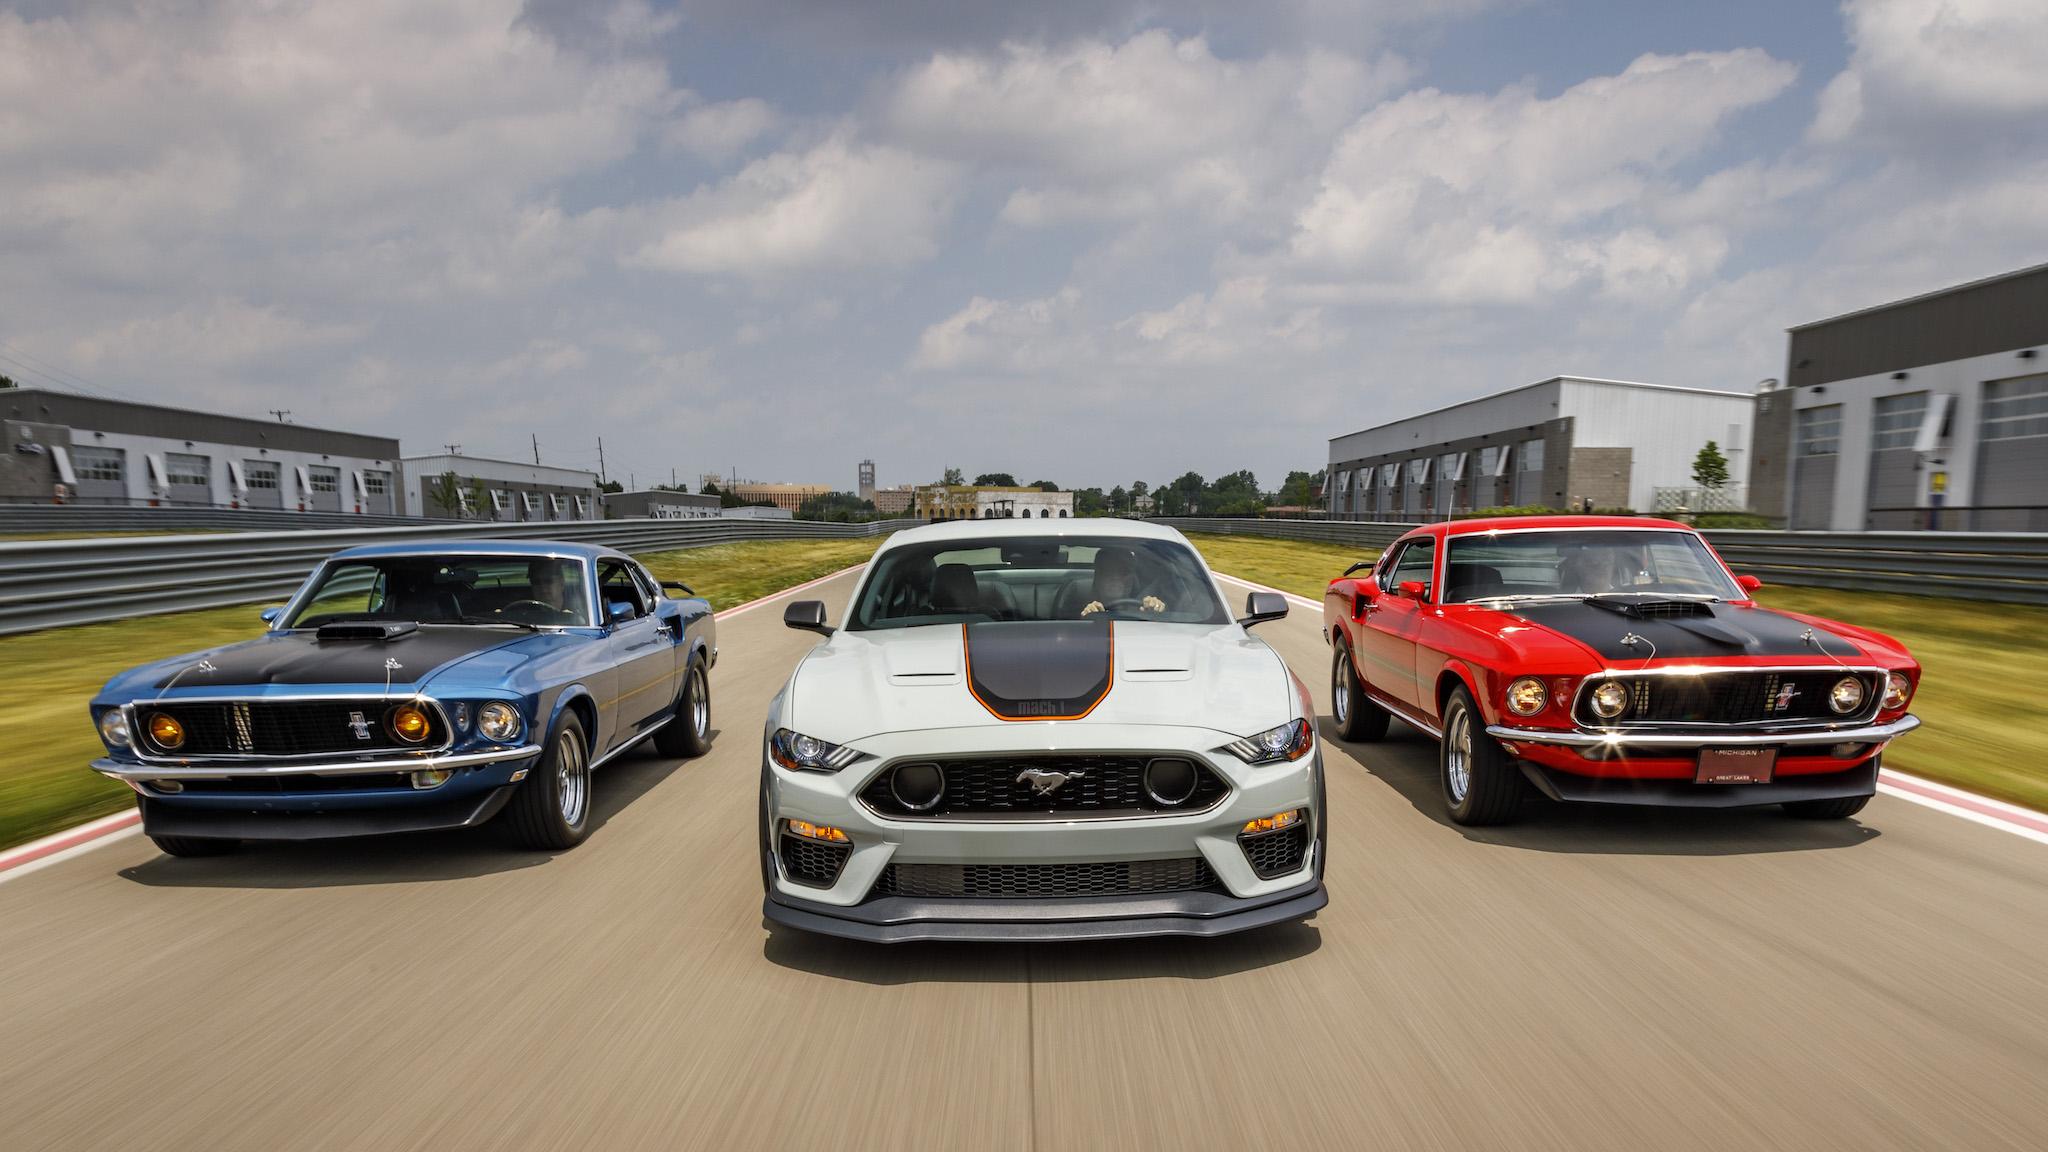 Ford Mustang 57 歲!連六年蟬聯「全球雙門跑車銷售冠軍」